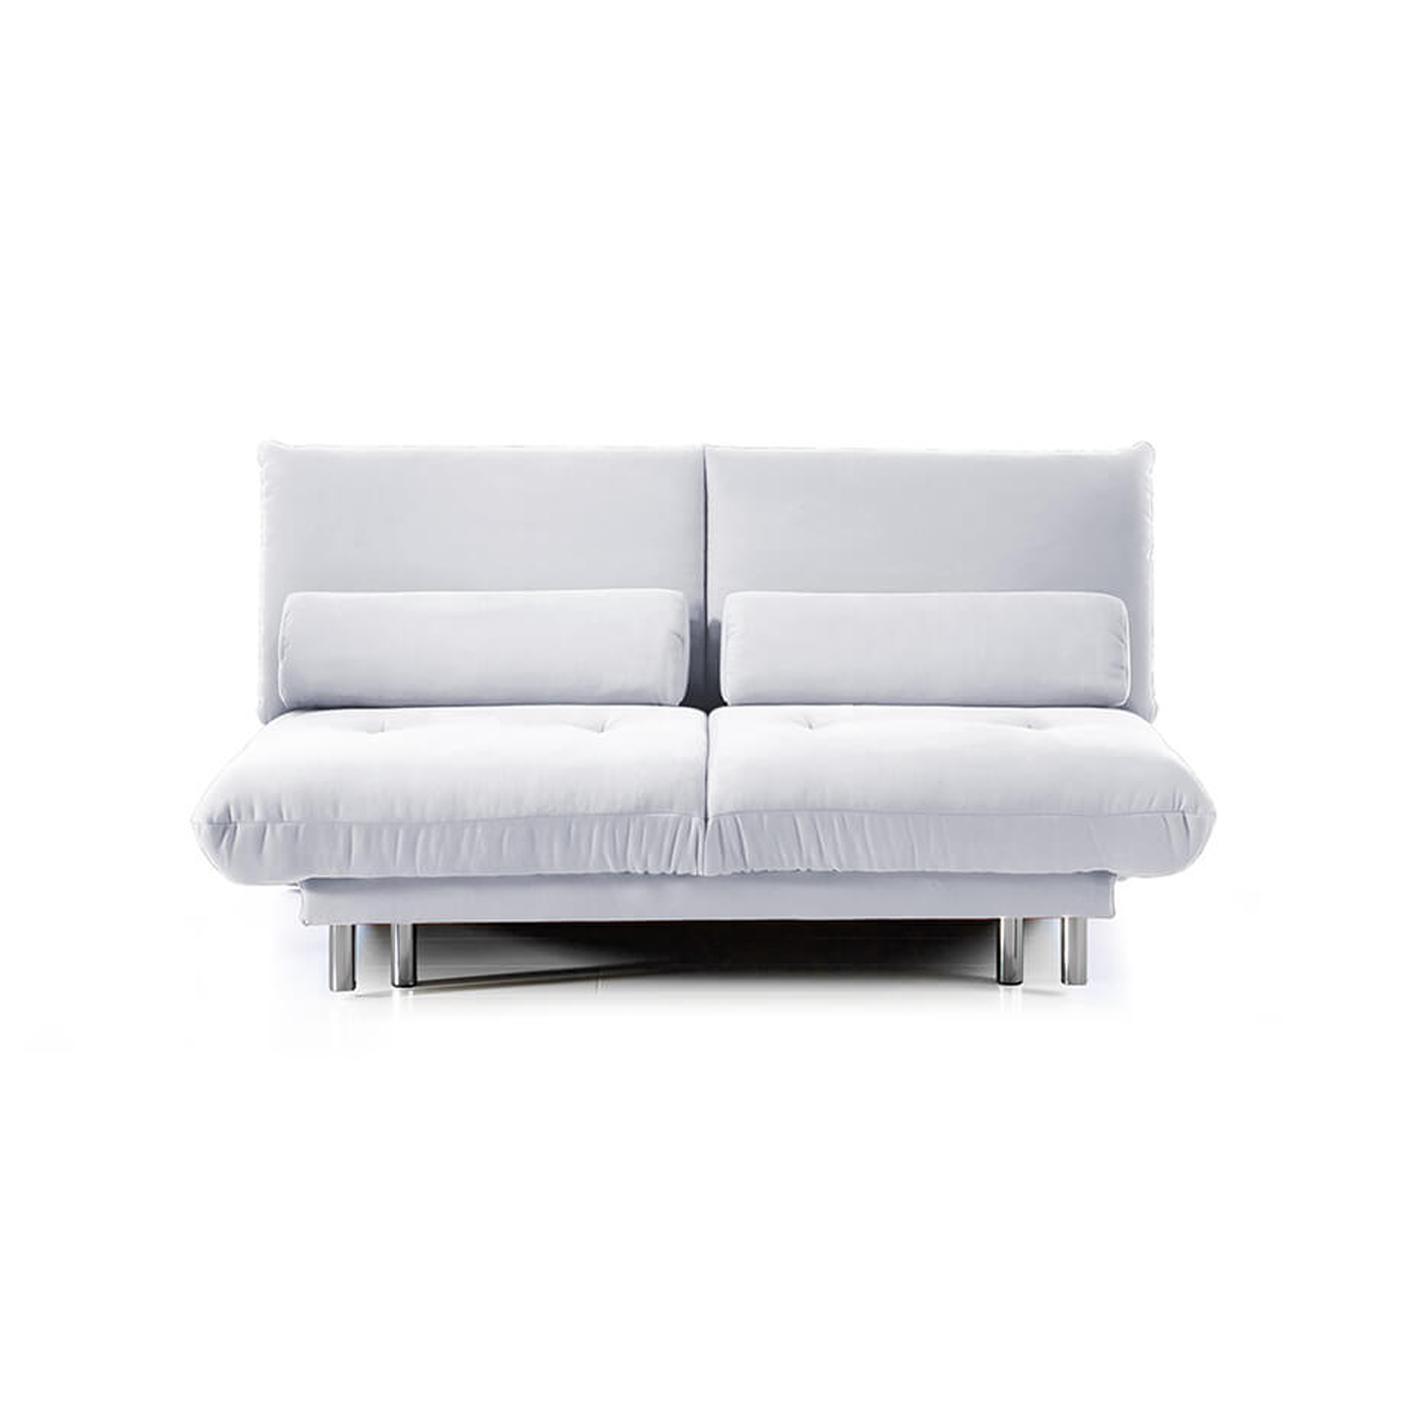 Das Trendige Zweier Sofa Quint Von Bruhl Passt Sich Spontan Vielen